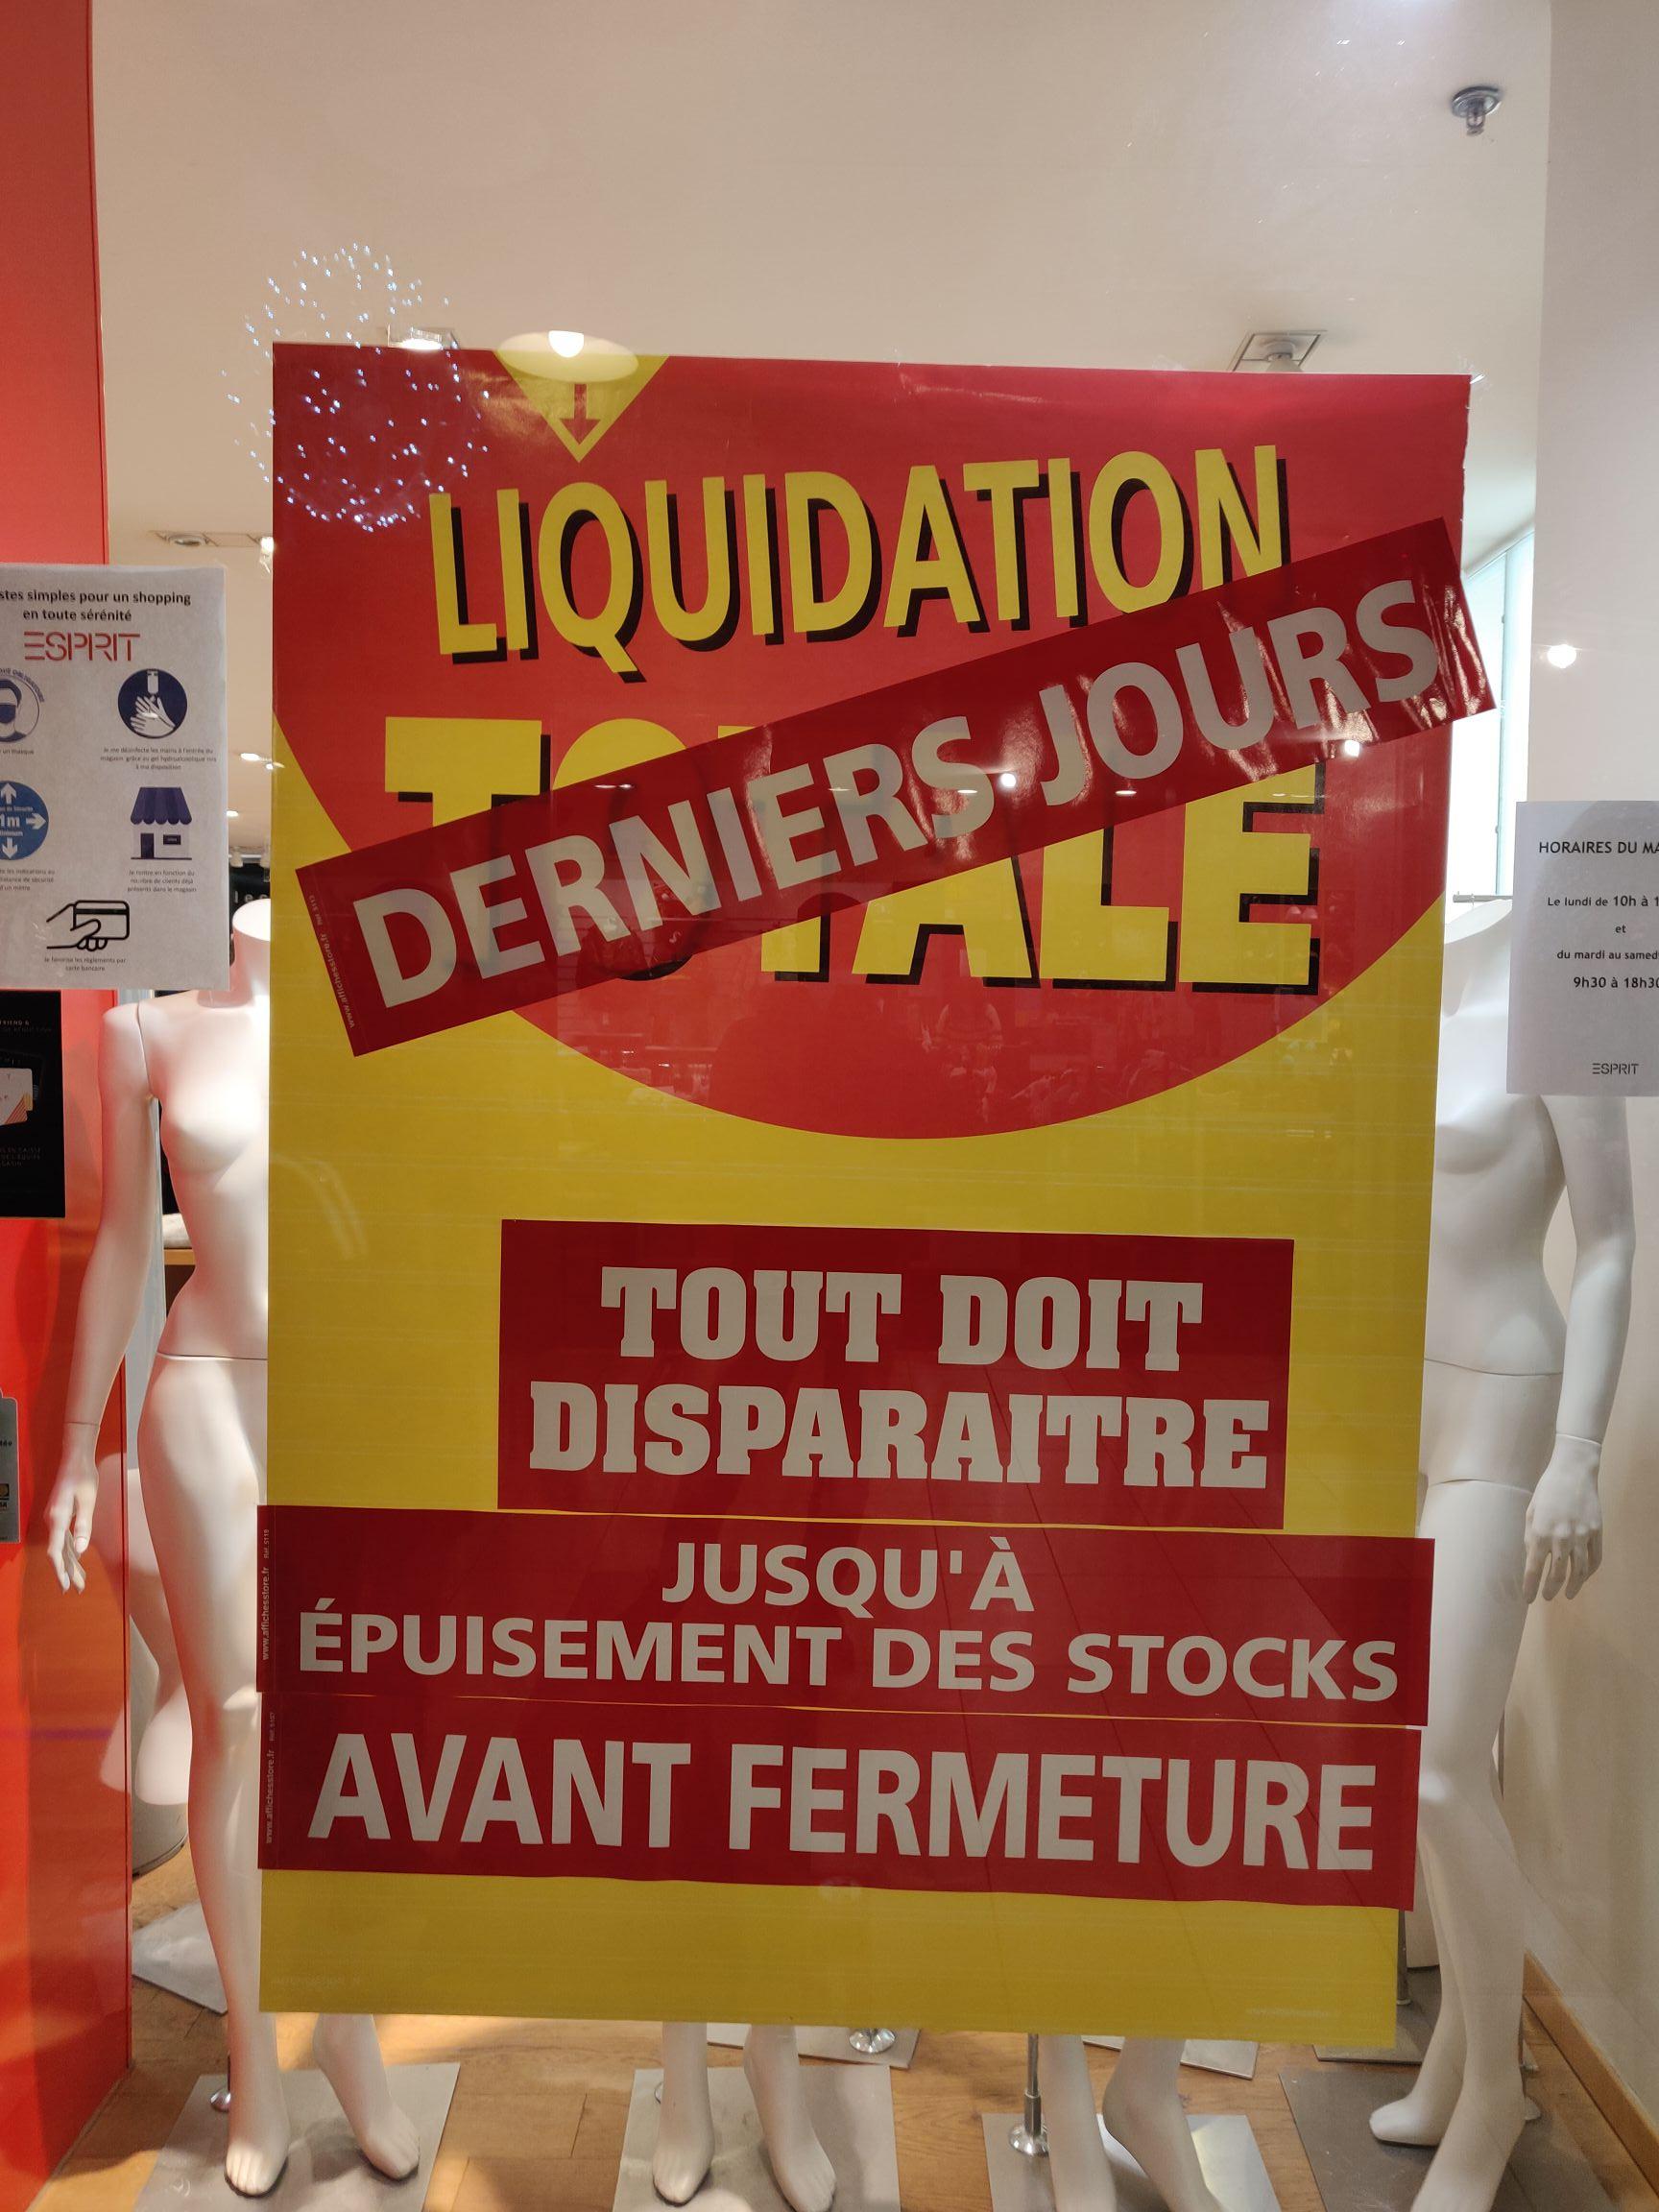 Liquidation totale sur tout le magasin - Sarreguemines (57)